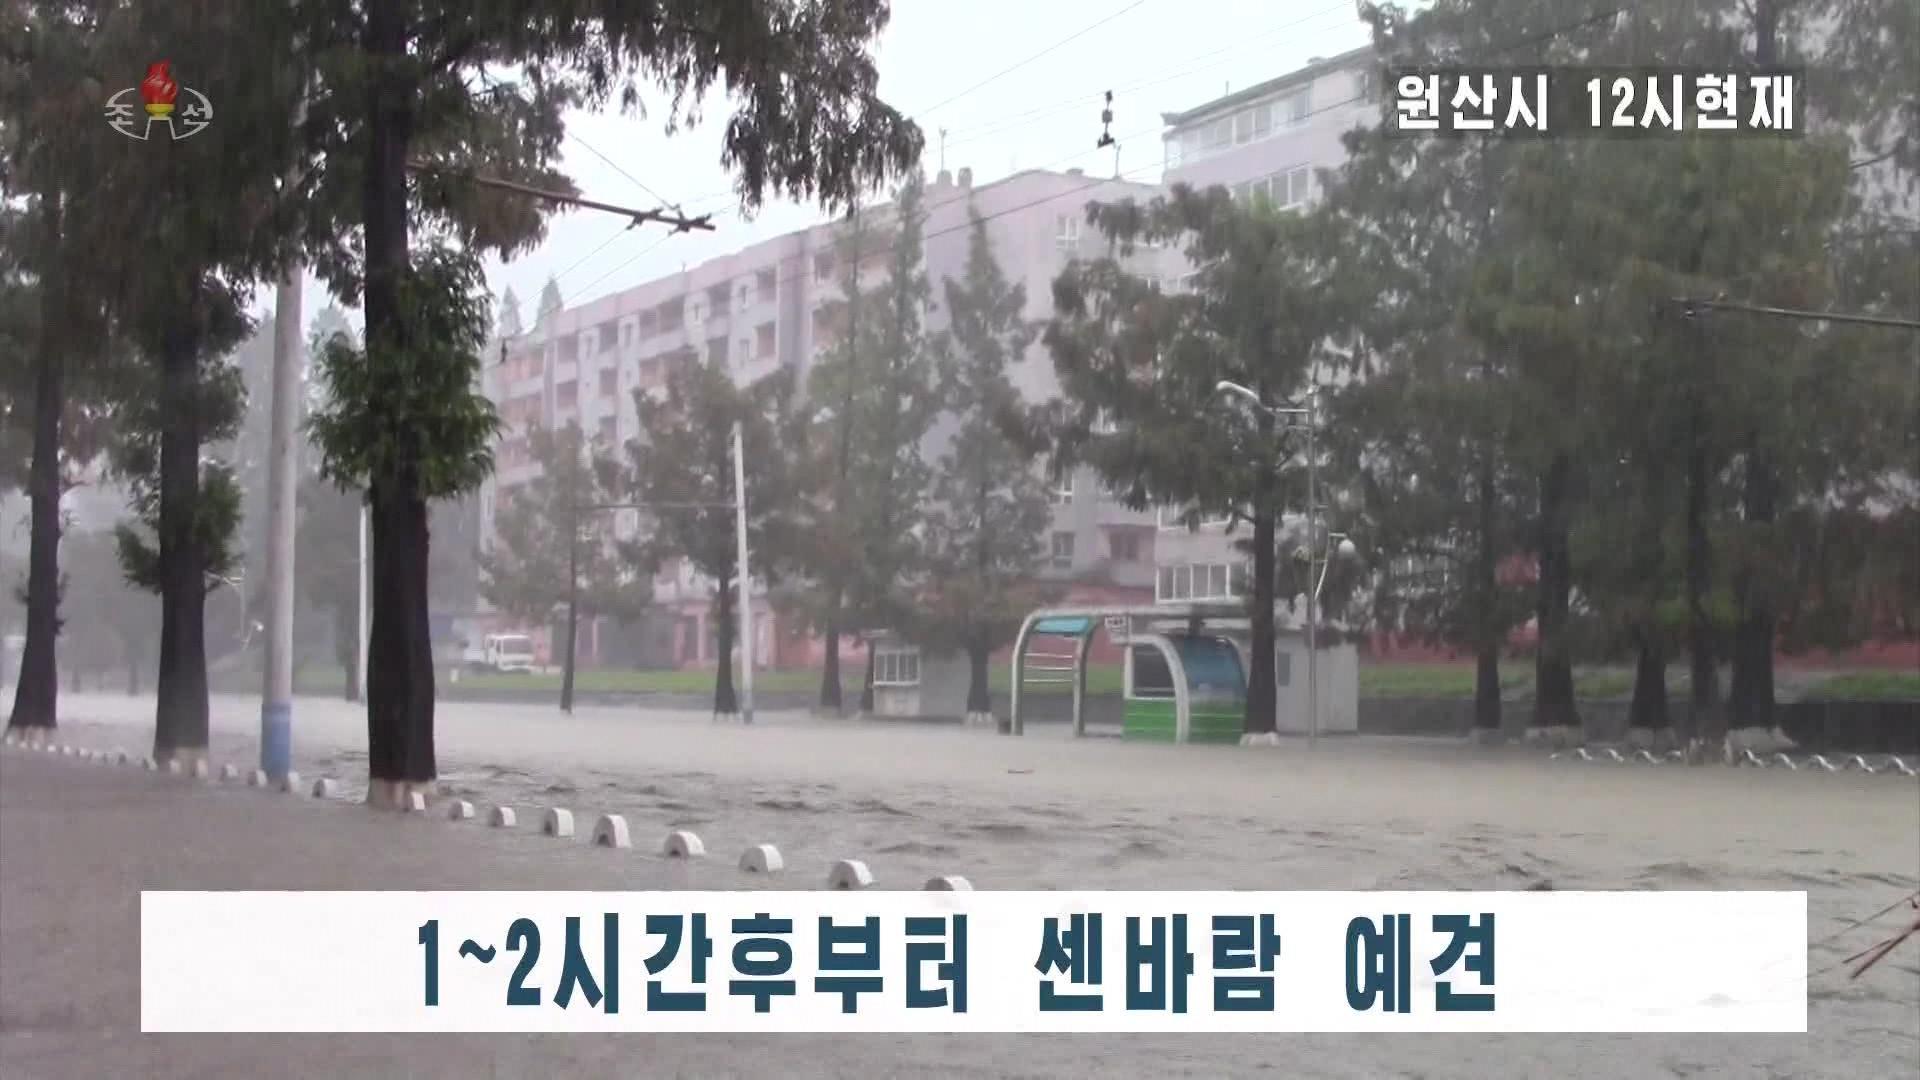 ▲▼強颱海神侵襲,造成北韓元山市淹水。(圖/達志影像)